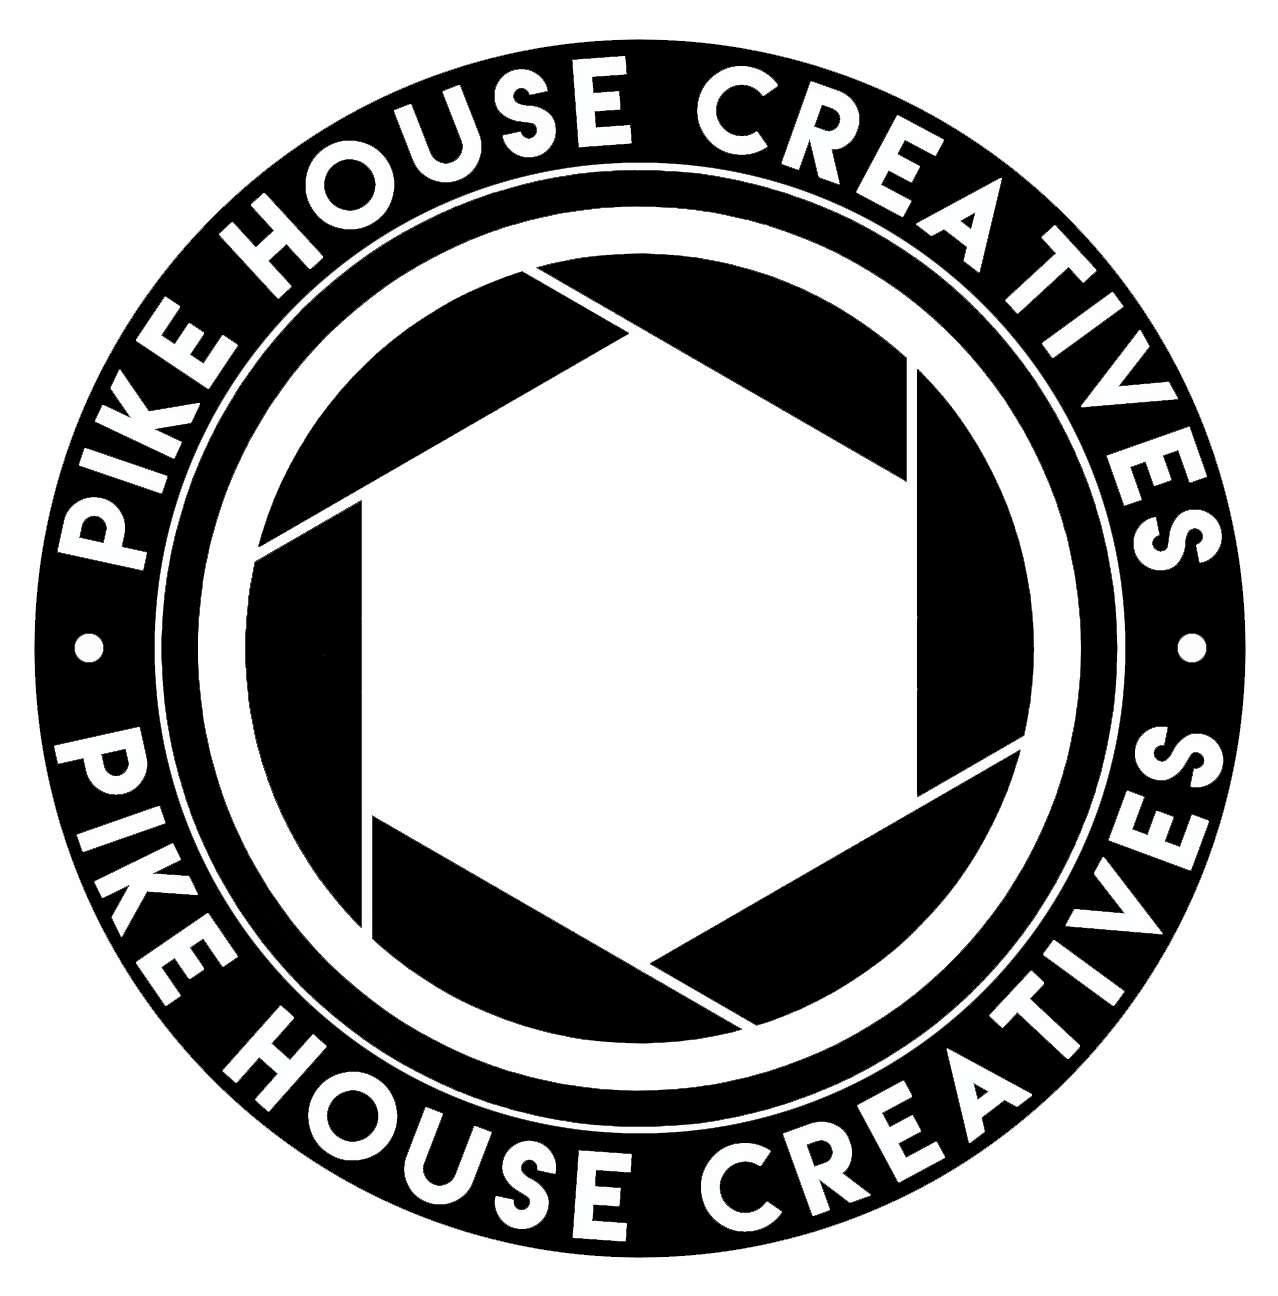 PIKE HOUSE CREATIVES